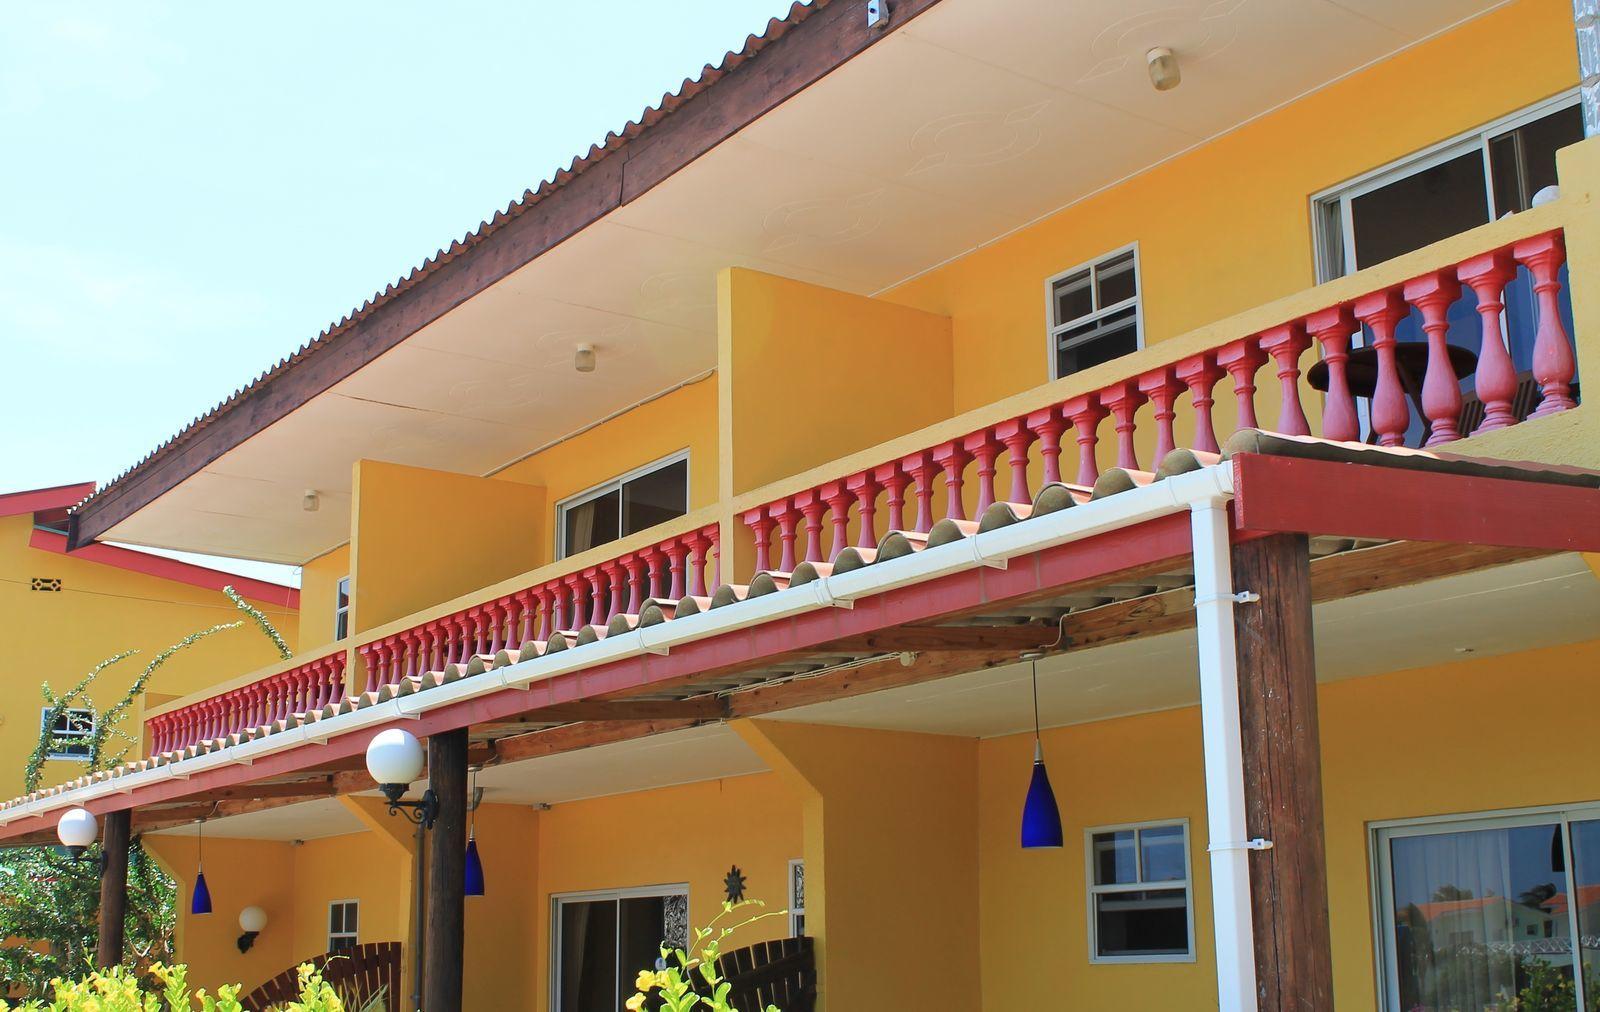 1 Slaapkamer Appartement - Aan Zee - 1e Verdieping